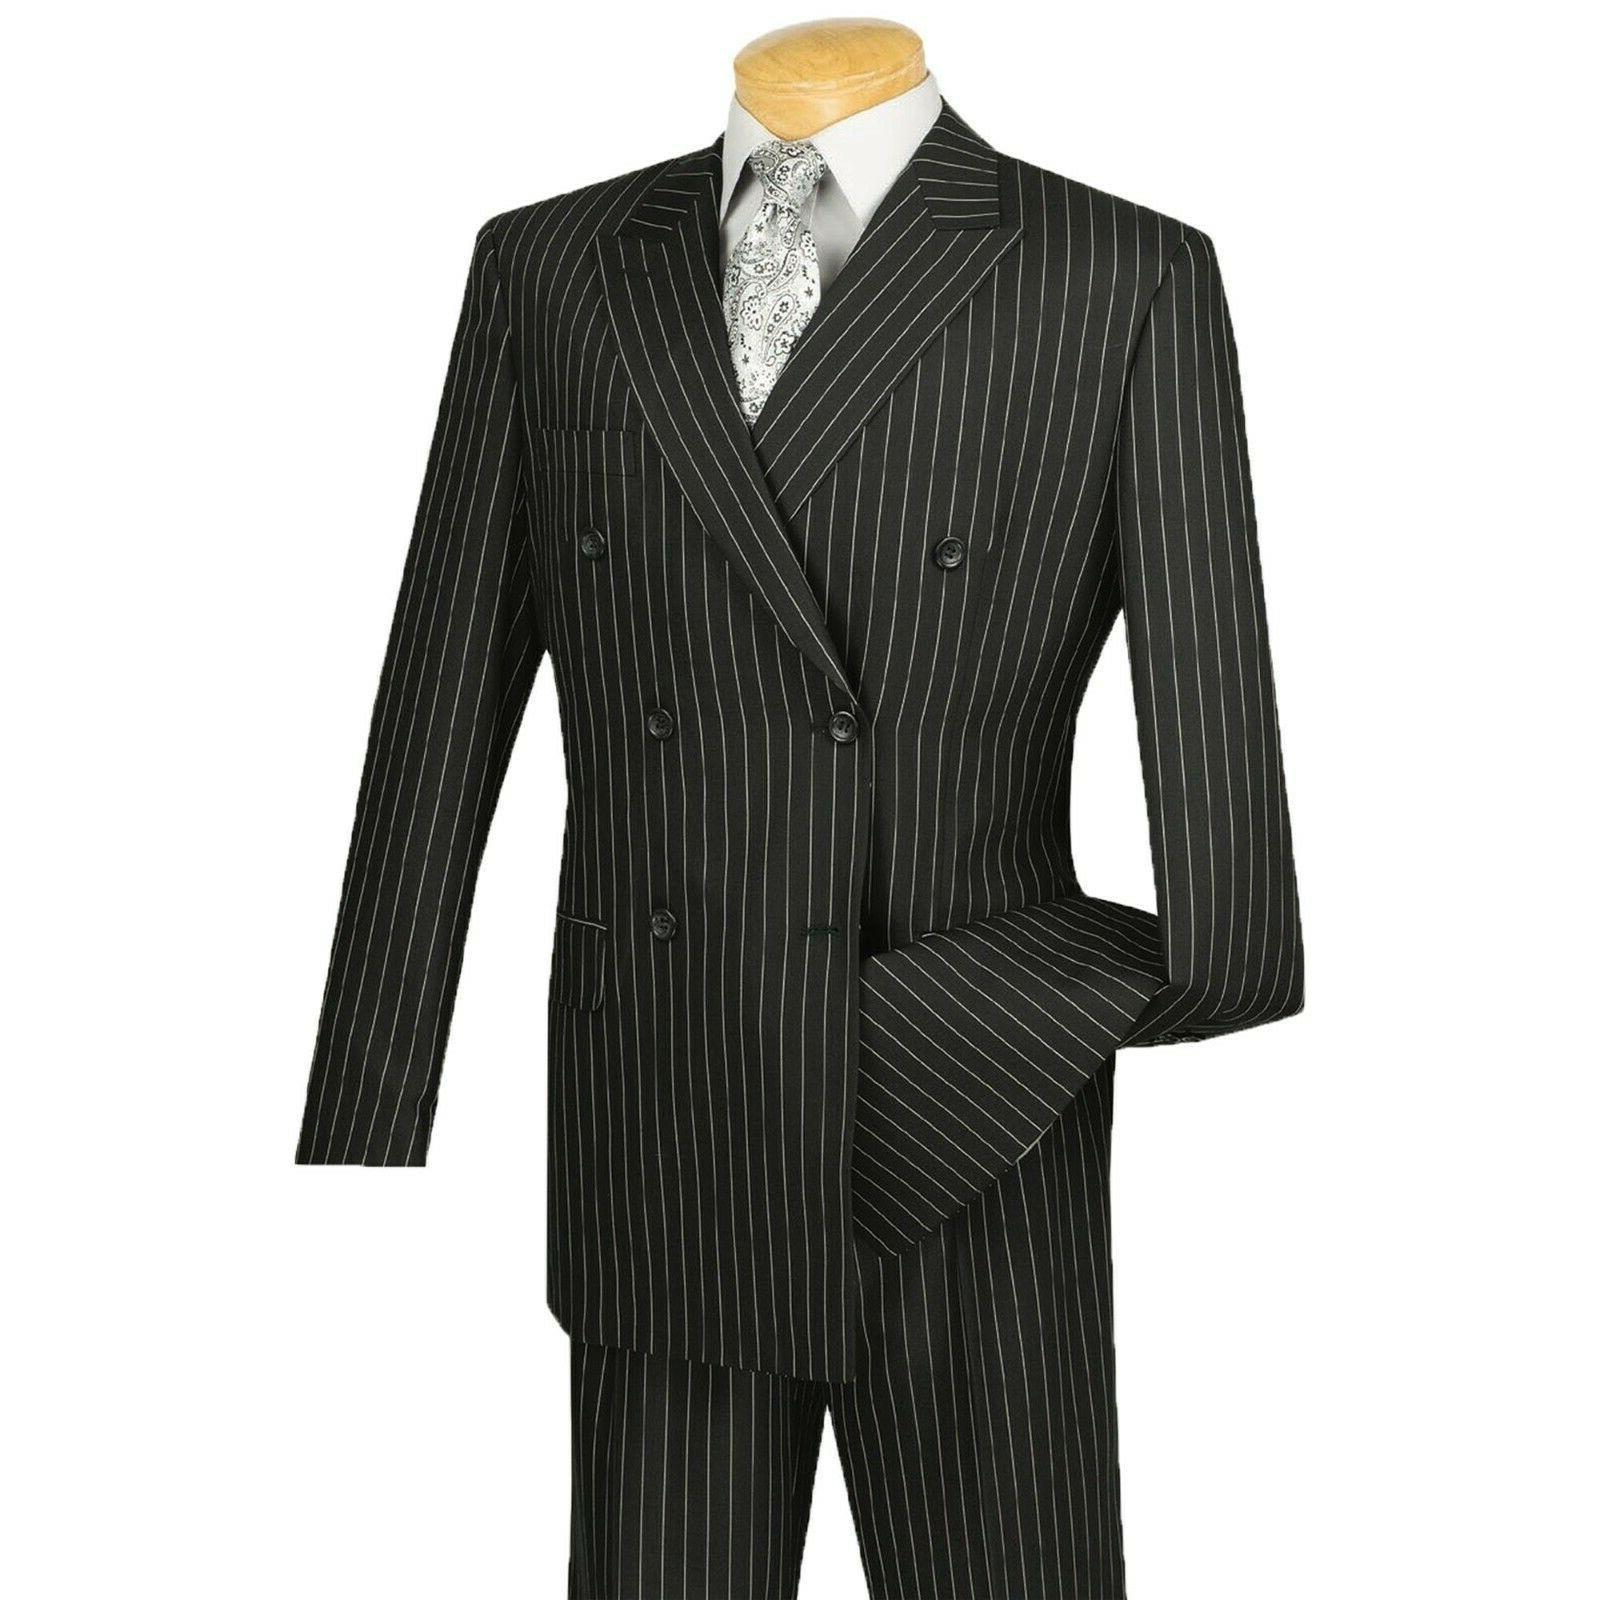 VINCI Men's Black Double Breasted Classic Fit Suit